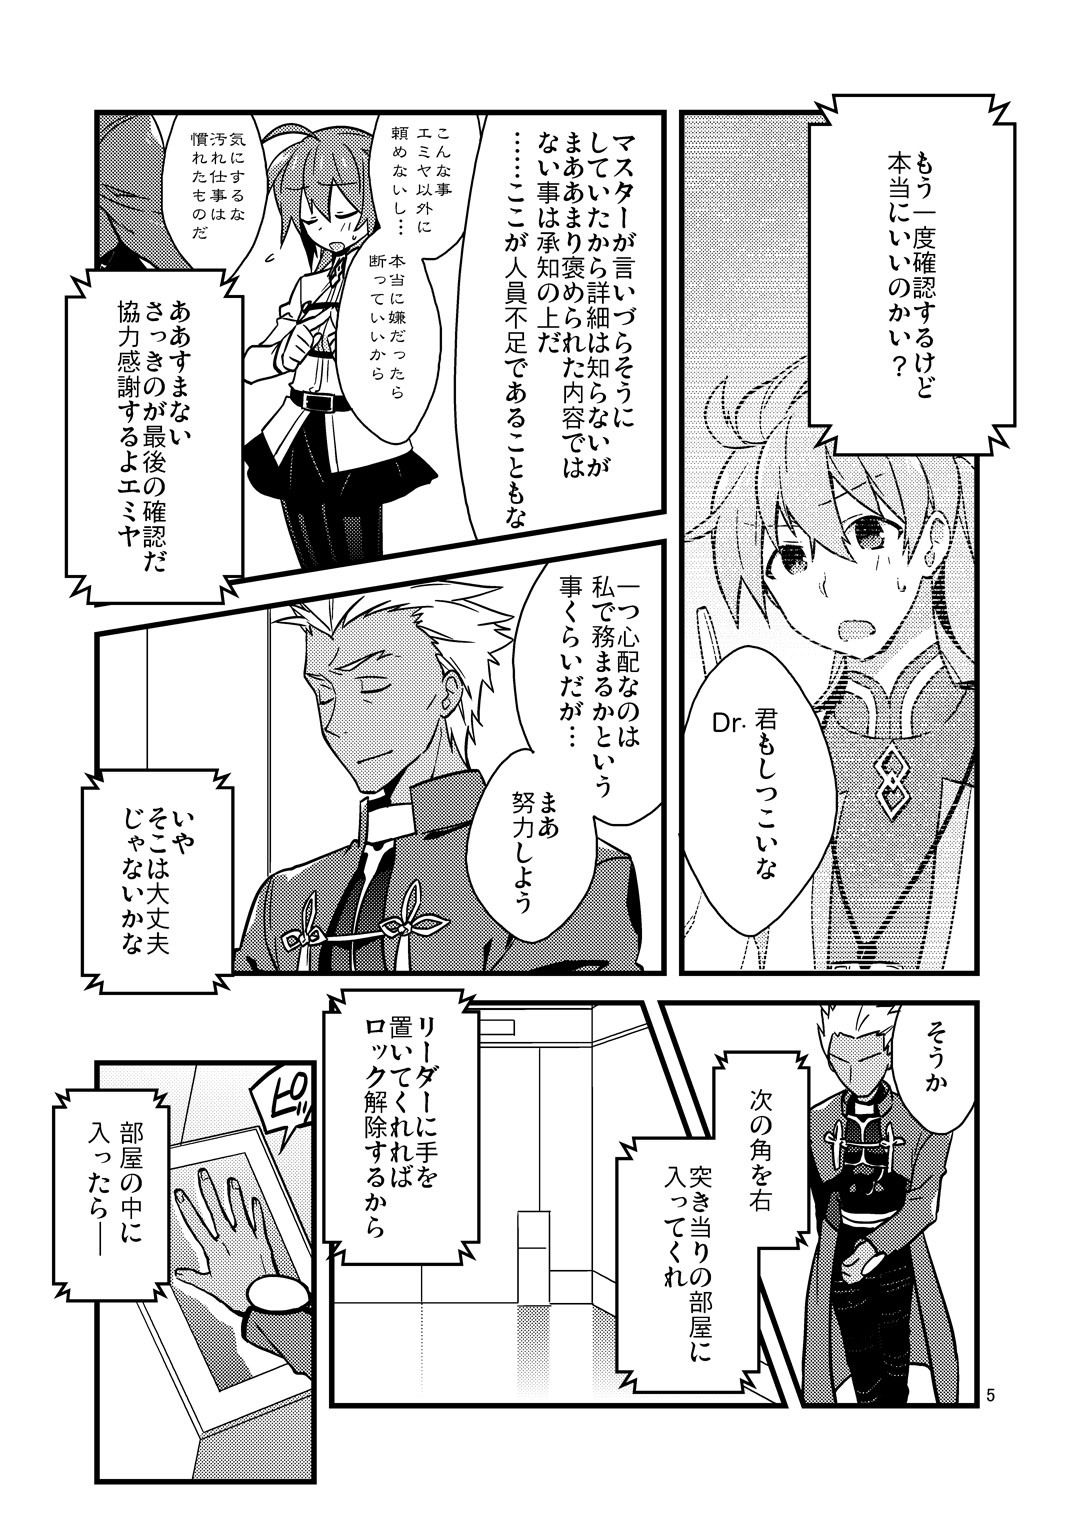 【云元書庫 同人】擬似限界突破実験報告書01